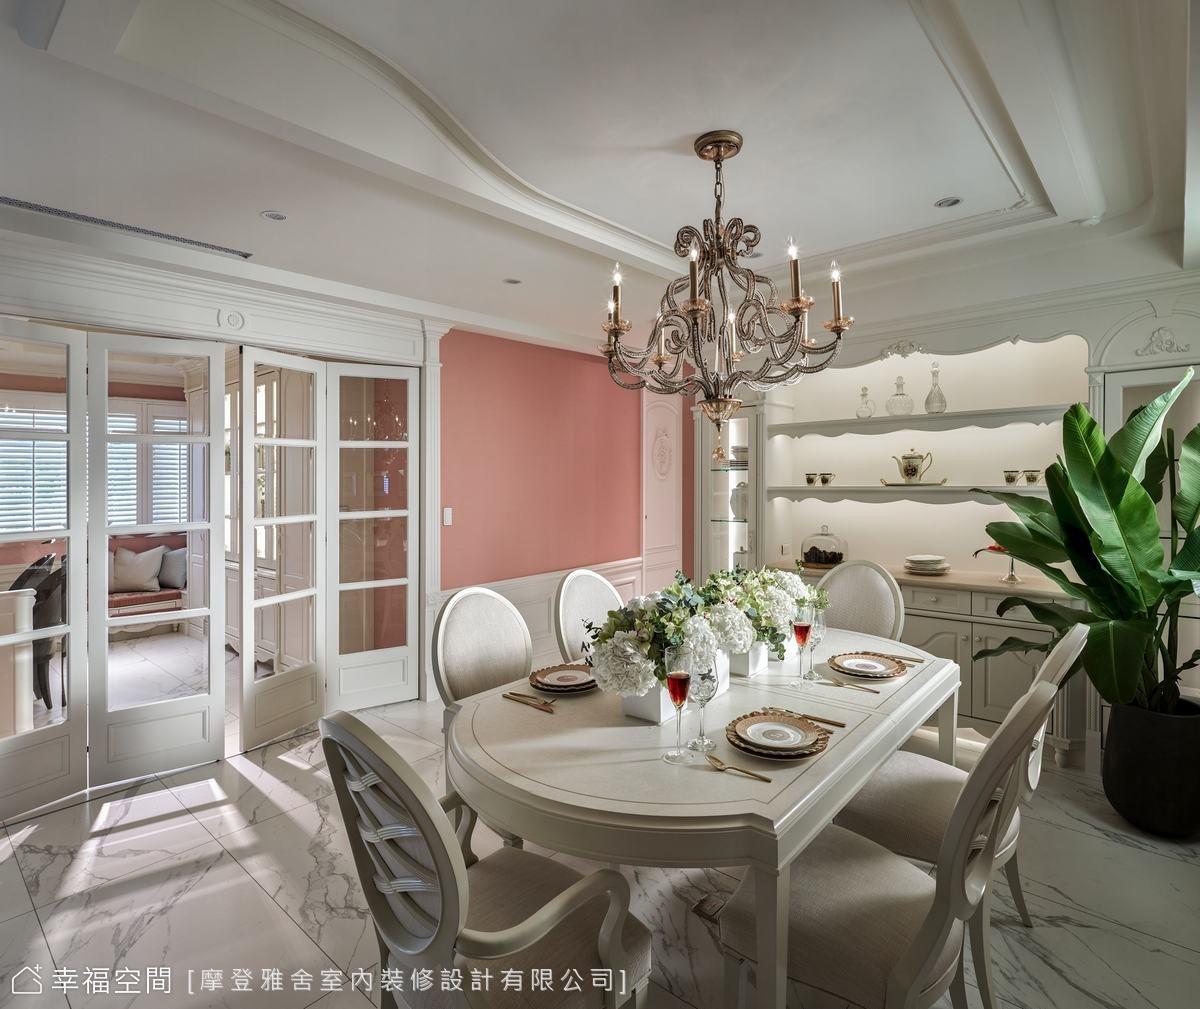 運用流暢的弧線造型隱匿梁柱,更順勢裝設壁嵌式冷氣,發揮最佳冷房效益。大面展示櫃陳列媽媽的珍藏品,彰顯卓越的個人品味。